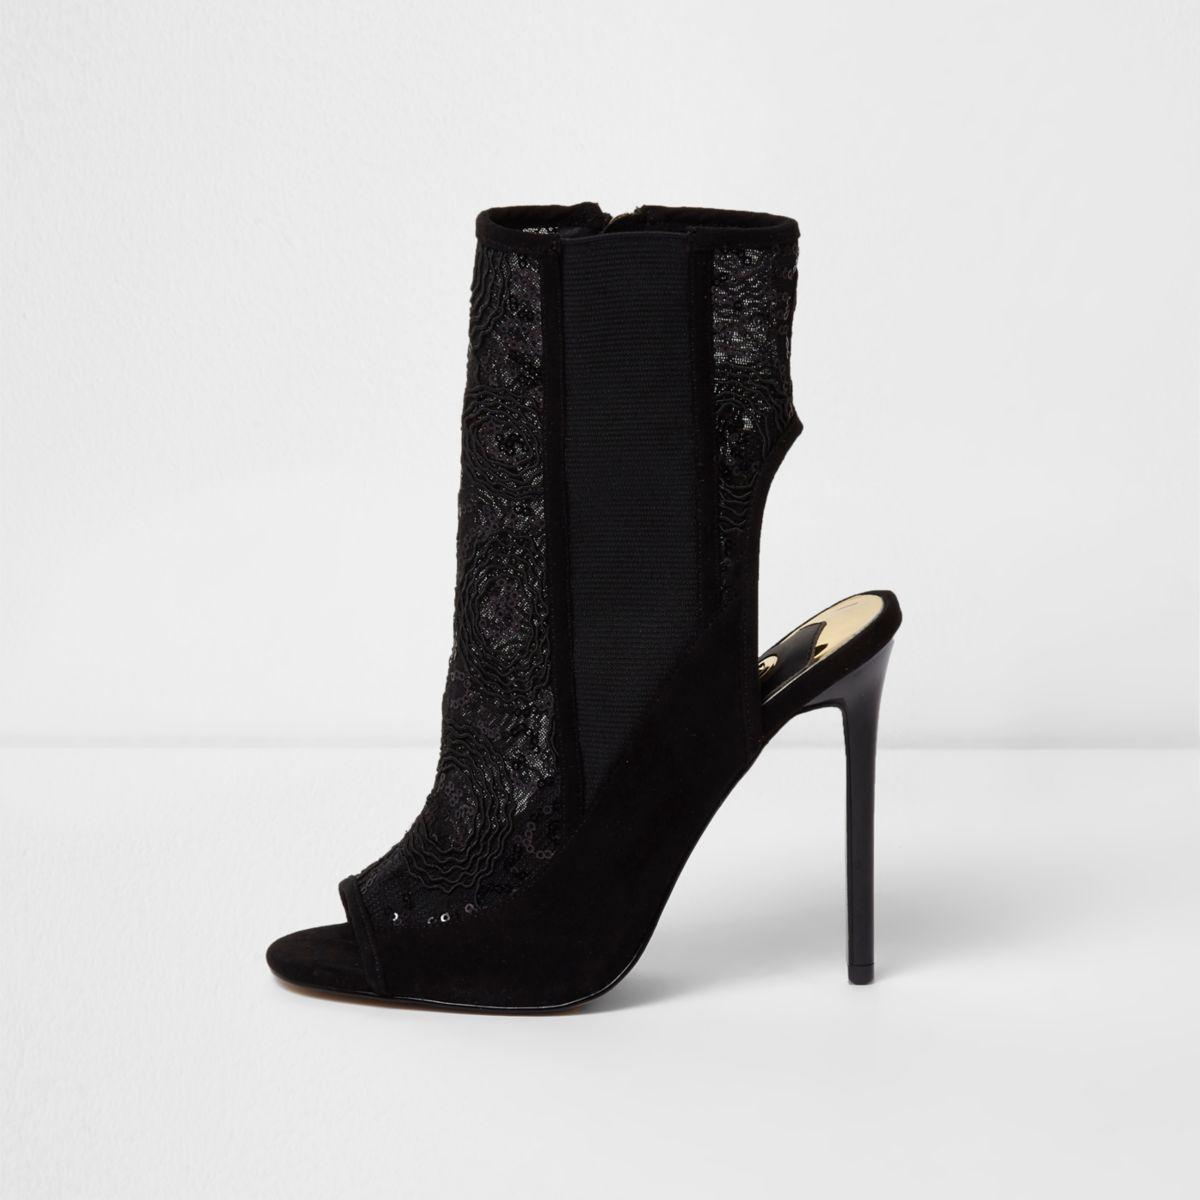 Black sequin mesh stiletto heel shoe boots